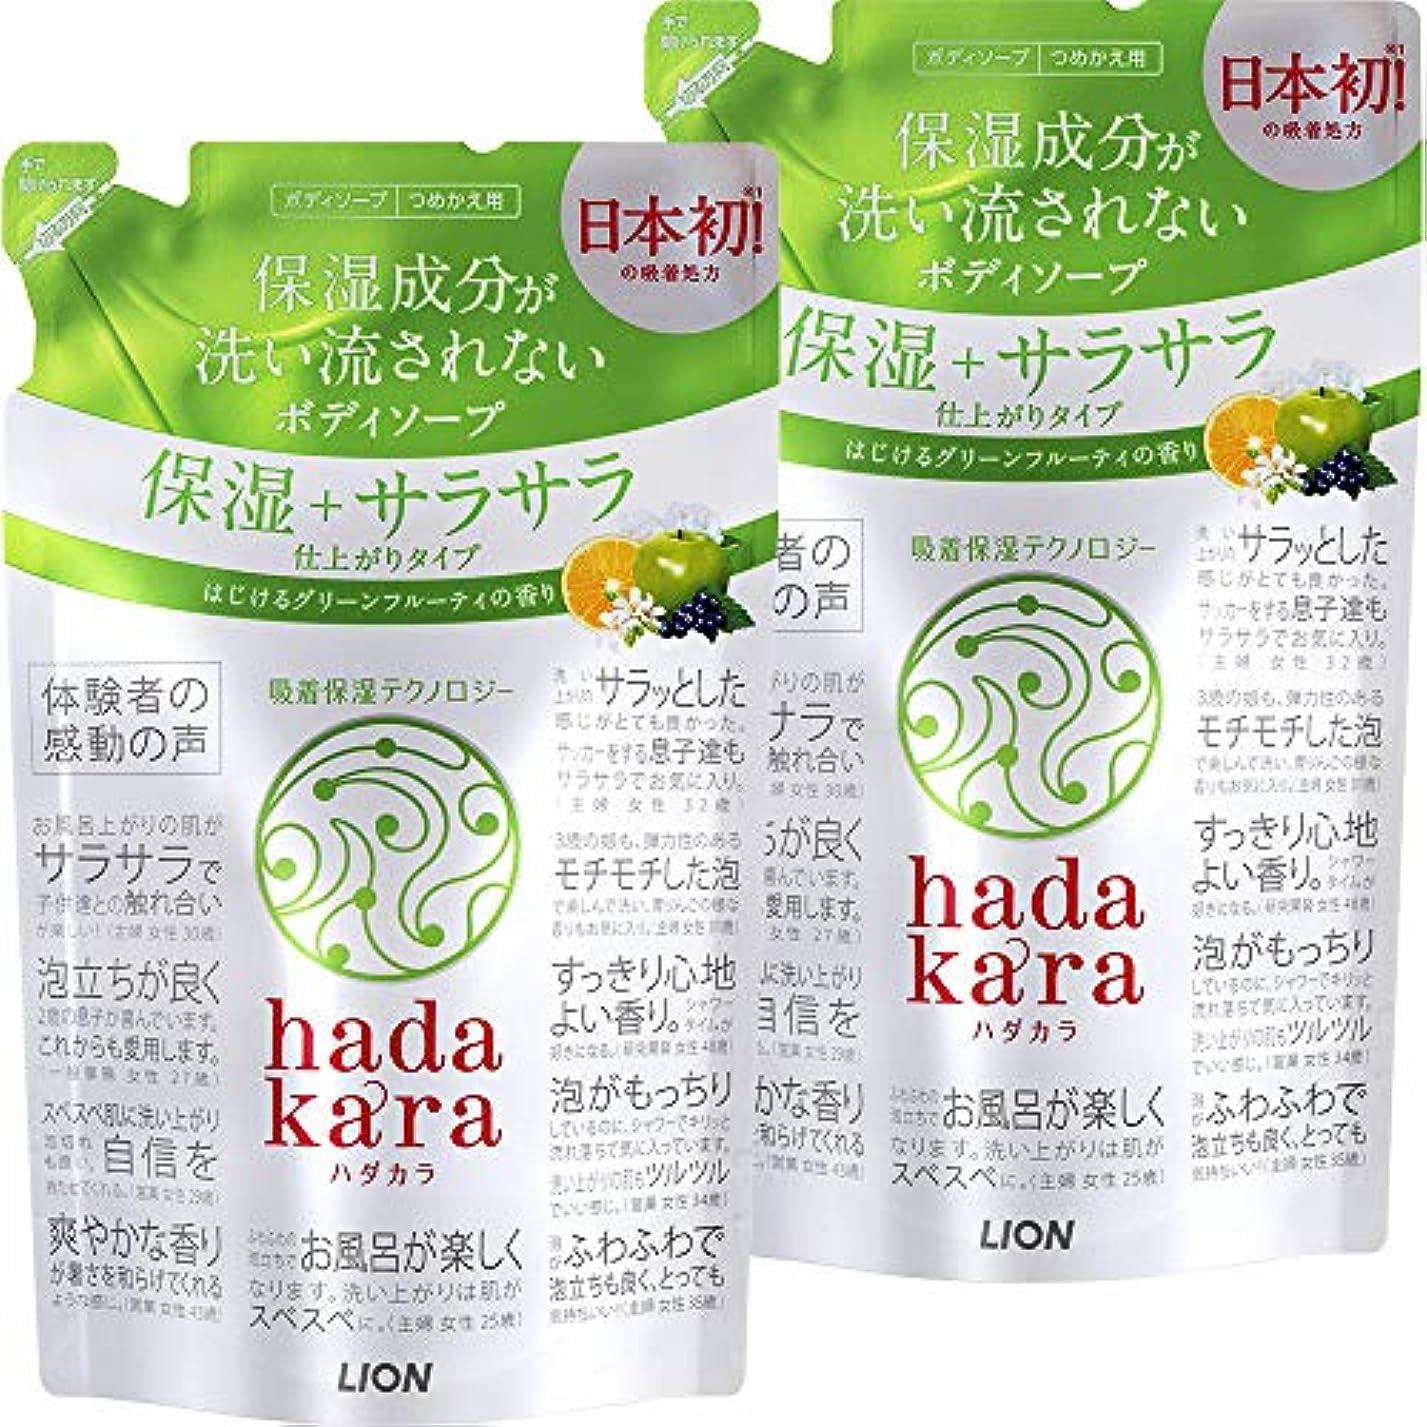 疾患福祉シャーク【まとめ買い】hadakara(ハダカラ) ボディソープ 保湿+サラサラ仕上がりタイプ グリーンフルーティの香り 詰め替え 340ml×2個パック